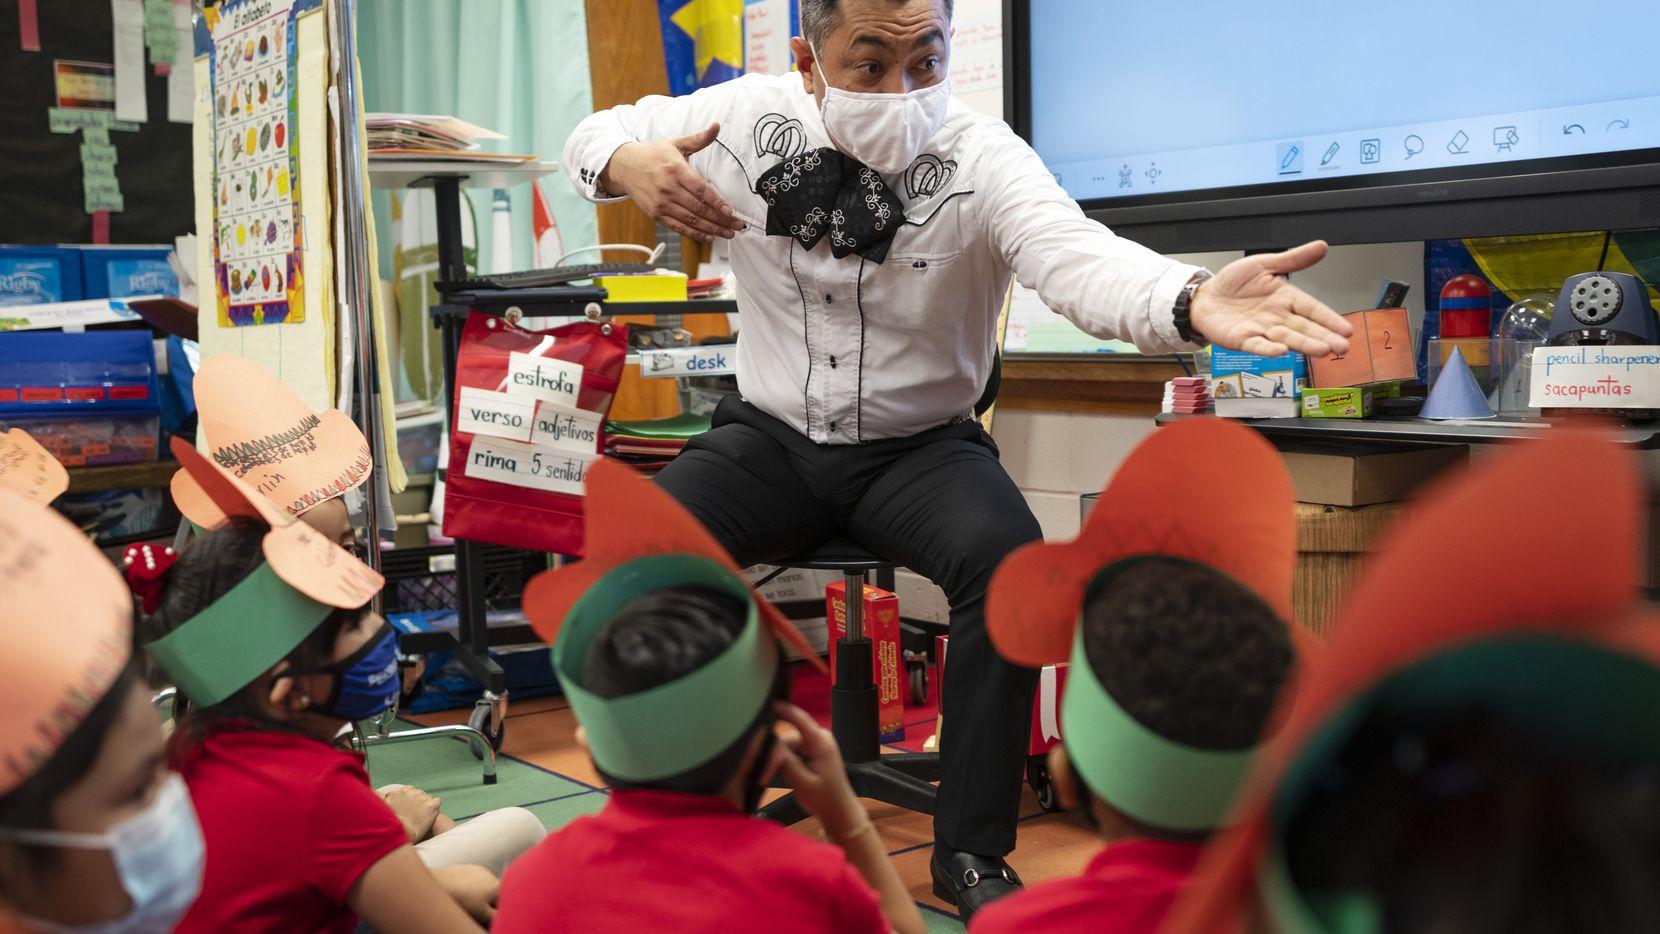 José Armendáriz, maestro de la Escuela Pershing, se vistió de mariachi para dar sus clases el pasado 5 de mayo. Armendáriz, de 46 años, fue elegido Maestro del Año por el DISD.